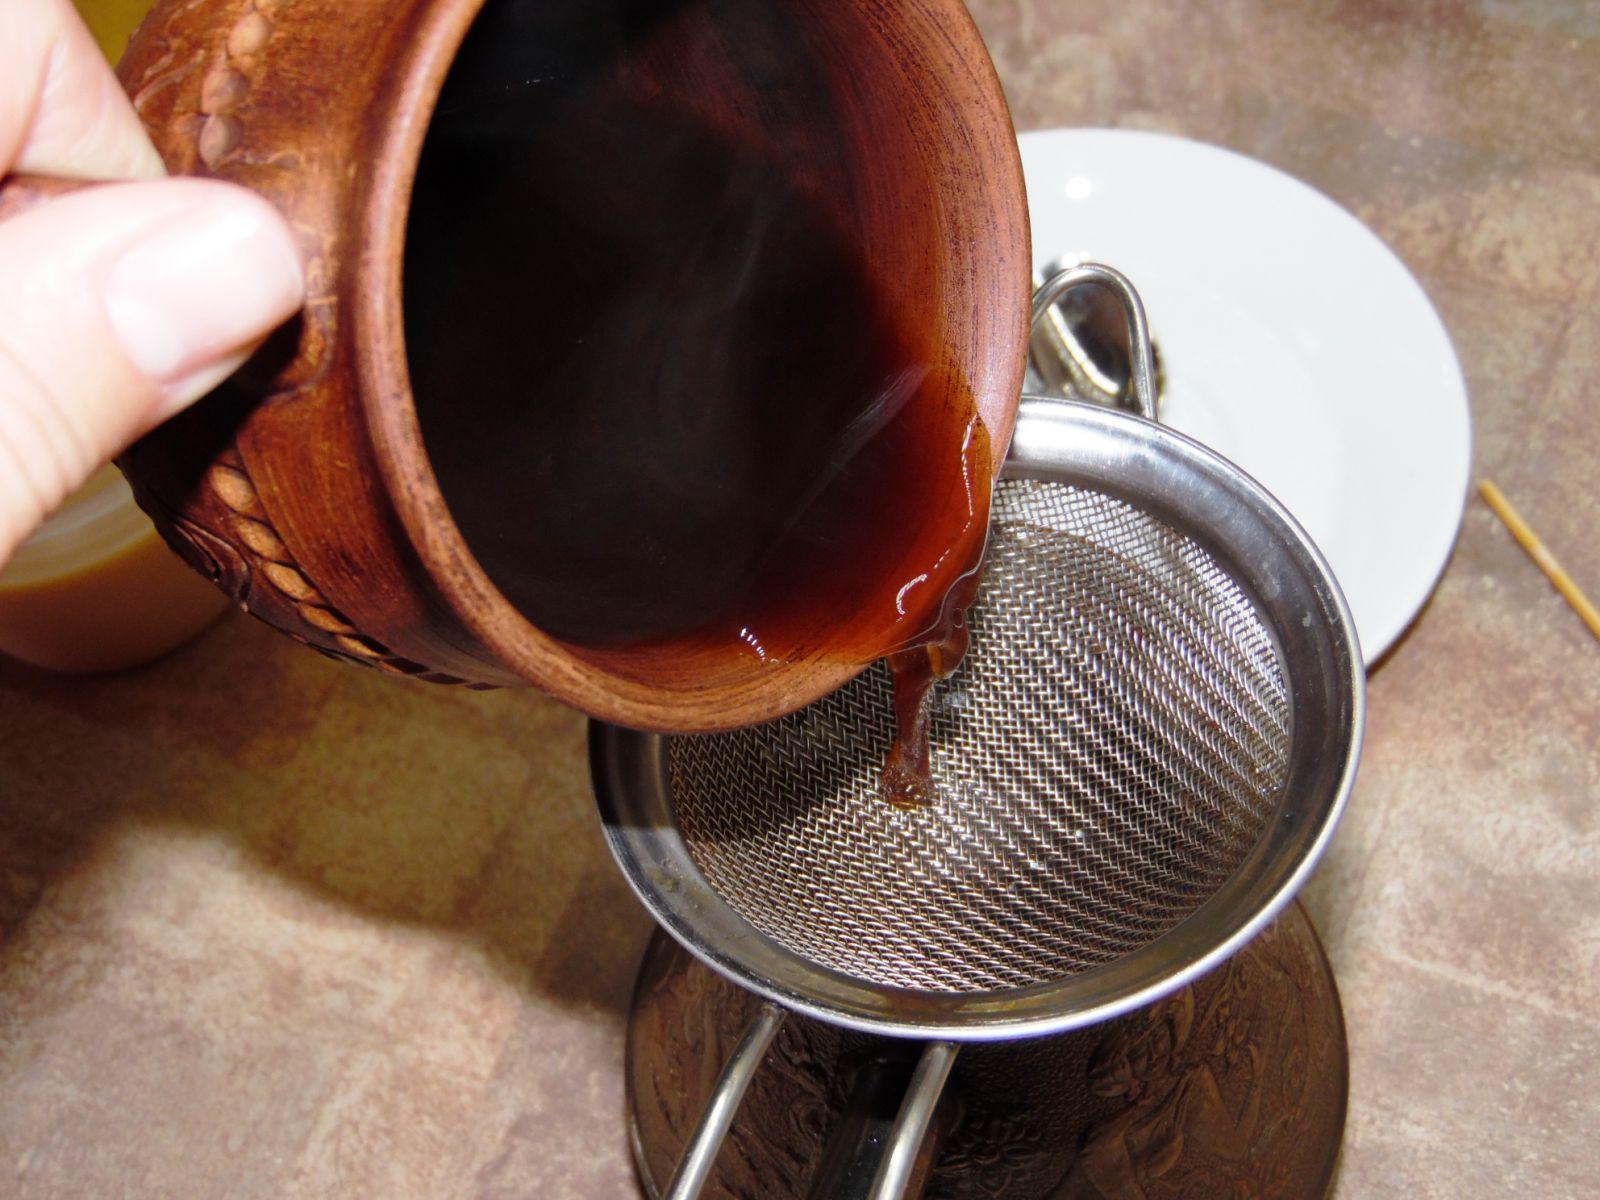 Как сварить кофе без турки и кофеварки - Про чай и про кофе 92